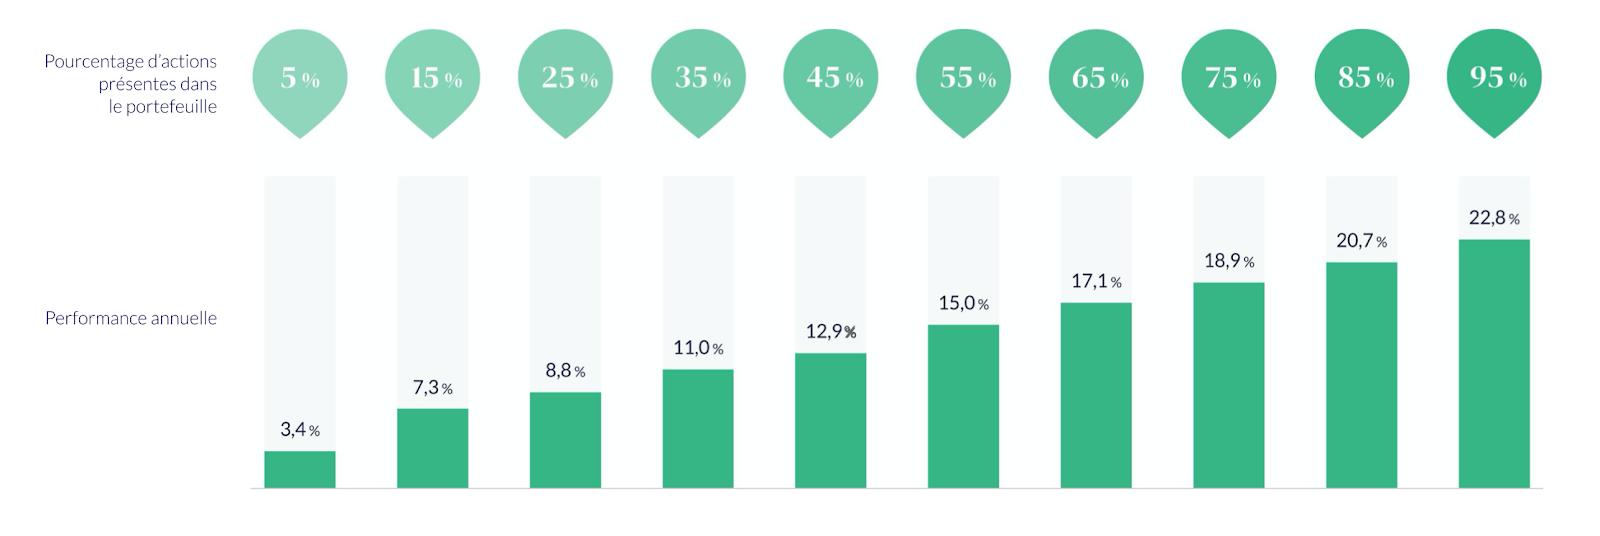 Performances 2020 du portefeuille éco-responsable de Nalo, selon le pourcentage d'actions.